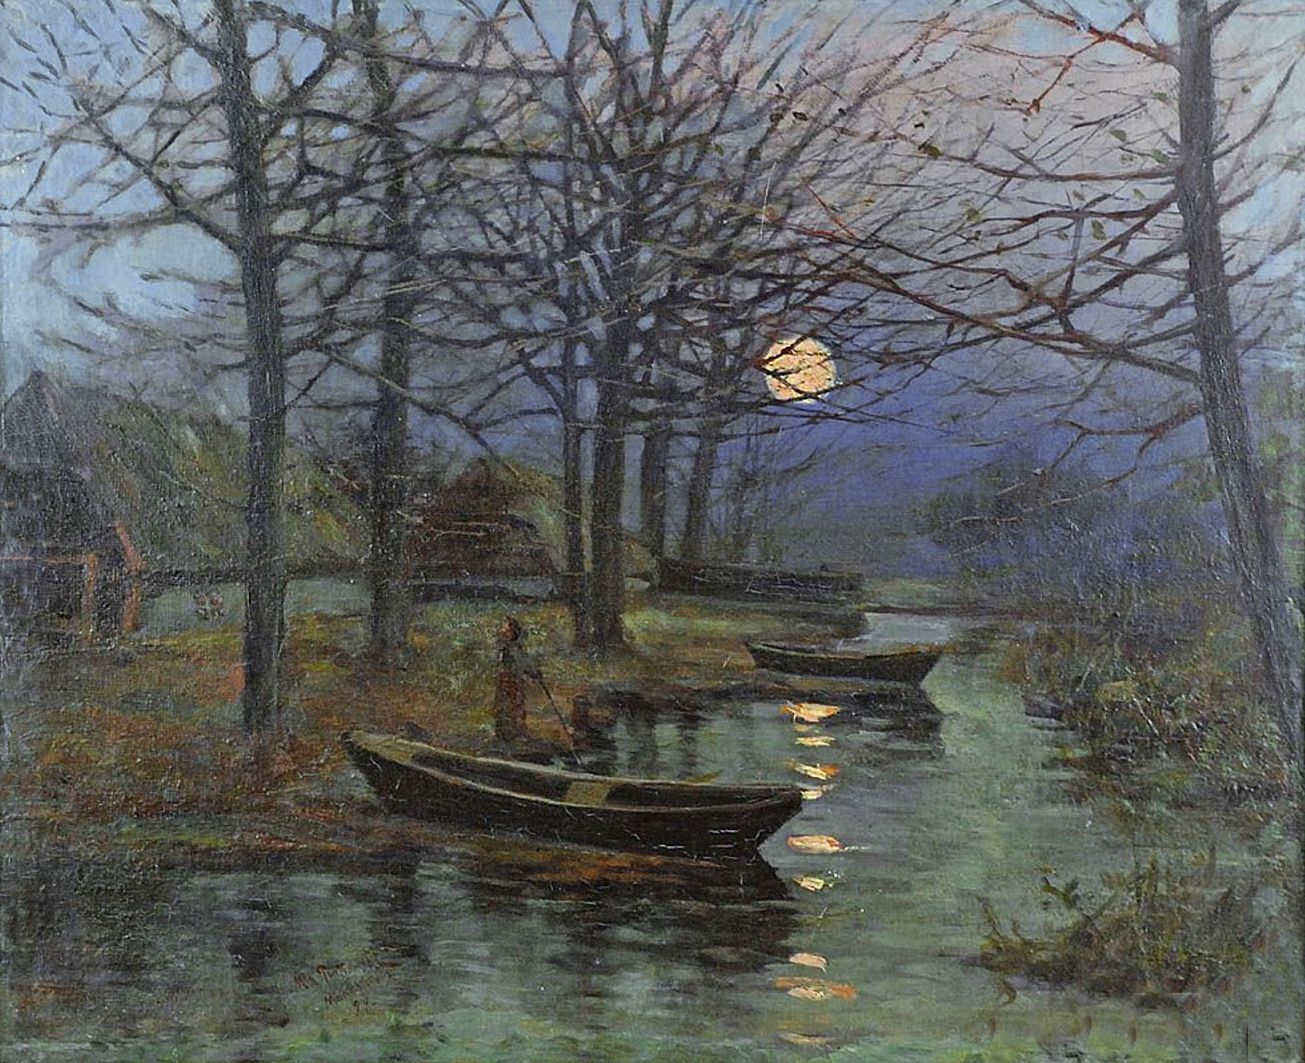 Мечислав Корвін Пьотровський. Ноктюрн, 1899